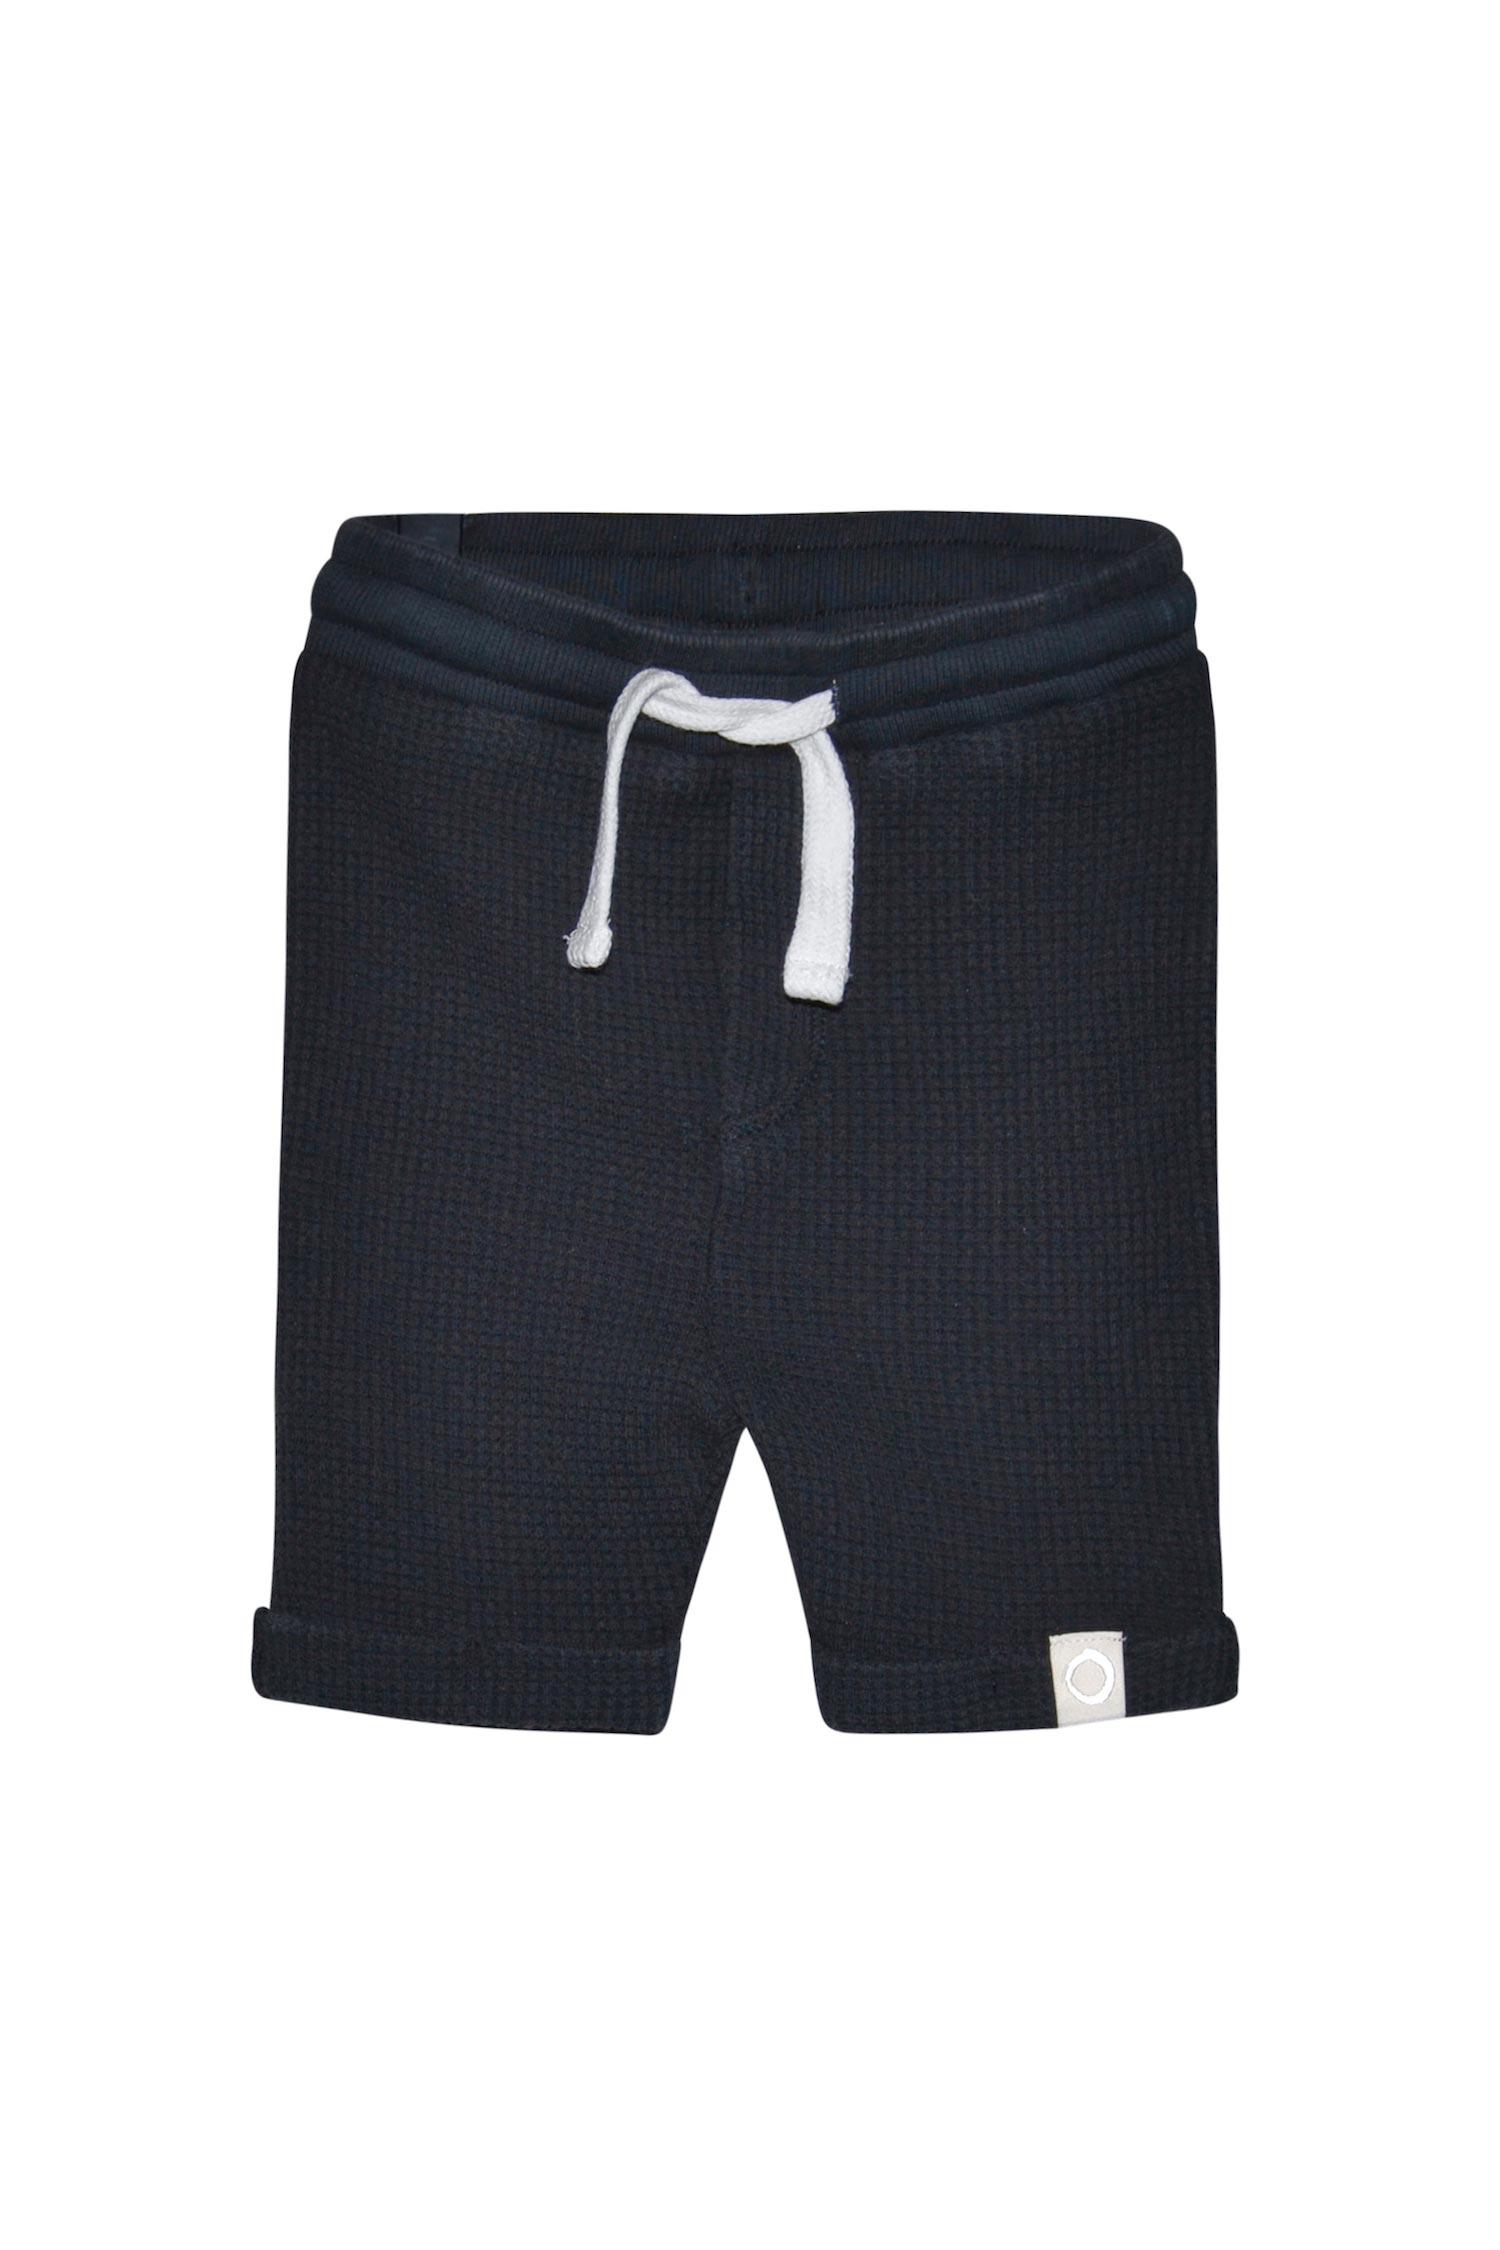 Ronin shorts organic